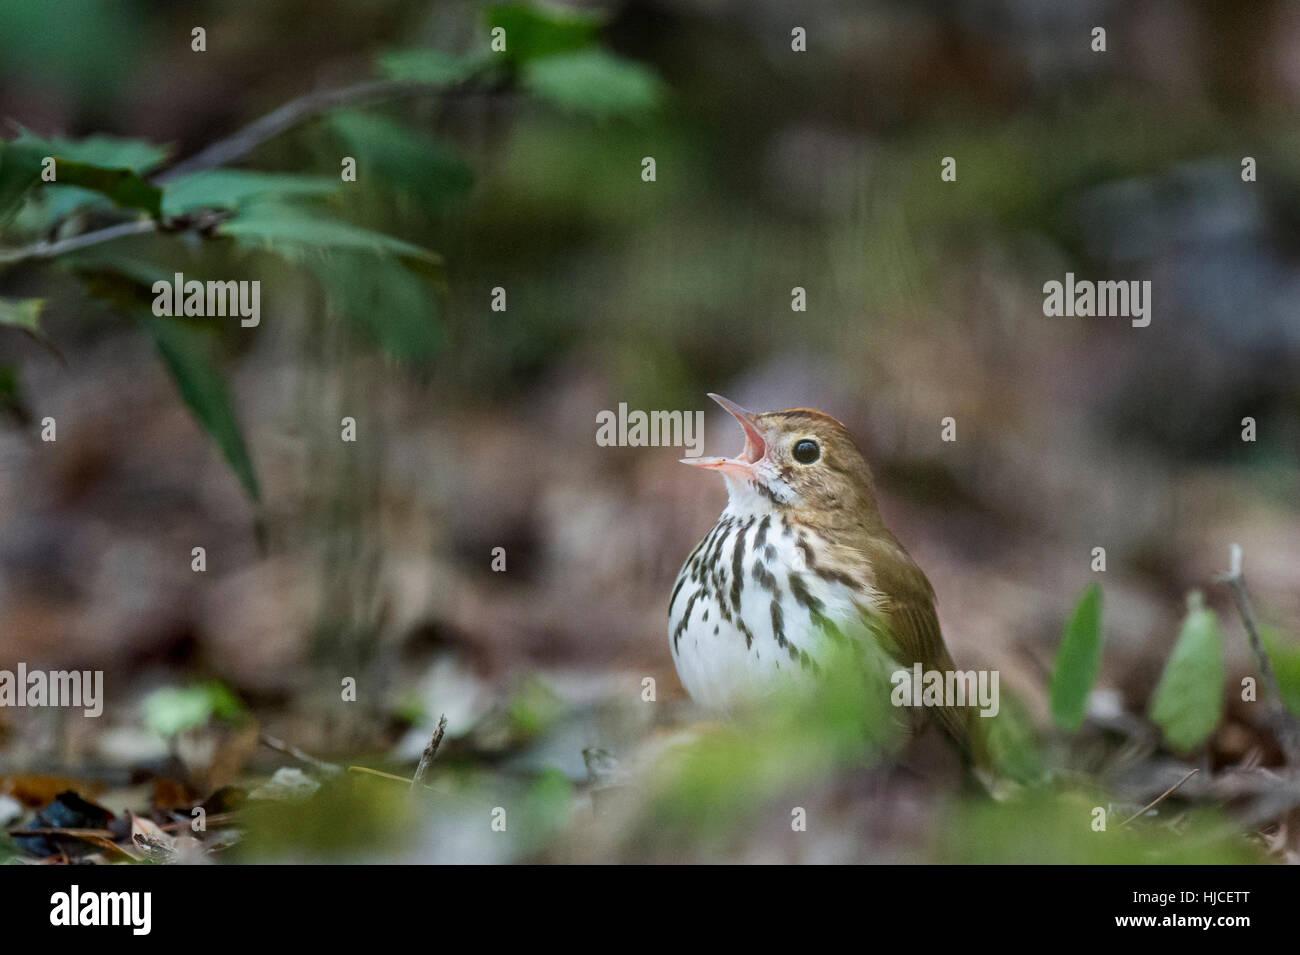 Ein Ovenbird singt laut wie sie auf dem Waldboden mit einigen grünen Blättern um ihn herum sitzt. Stockbild